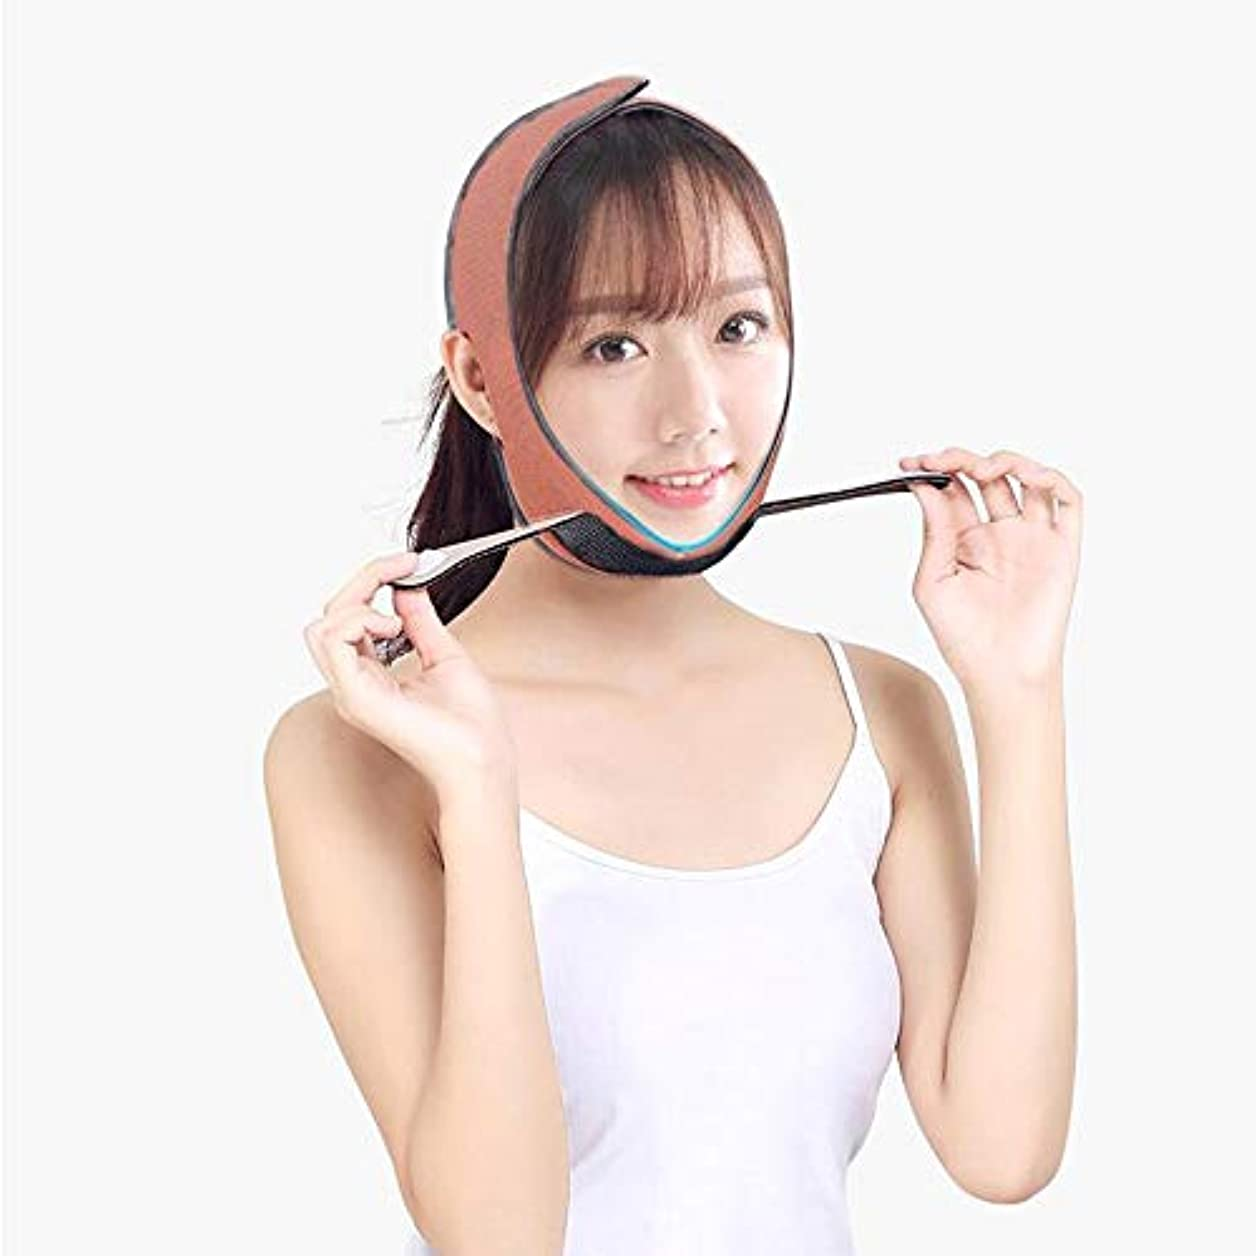 舌郵便バケットMinmin フェイシャルリフティングスリミングベルト - 薄いフェイス包帯Vフェイス包帯マスクフェイシャルマッサージャー無料整形マスク顔と首の顔を引き締めますスリム みんみんVラインフェイスマスク